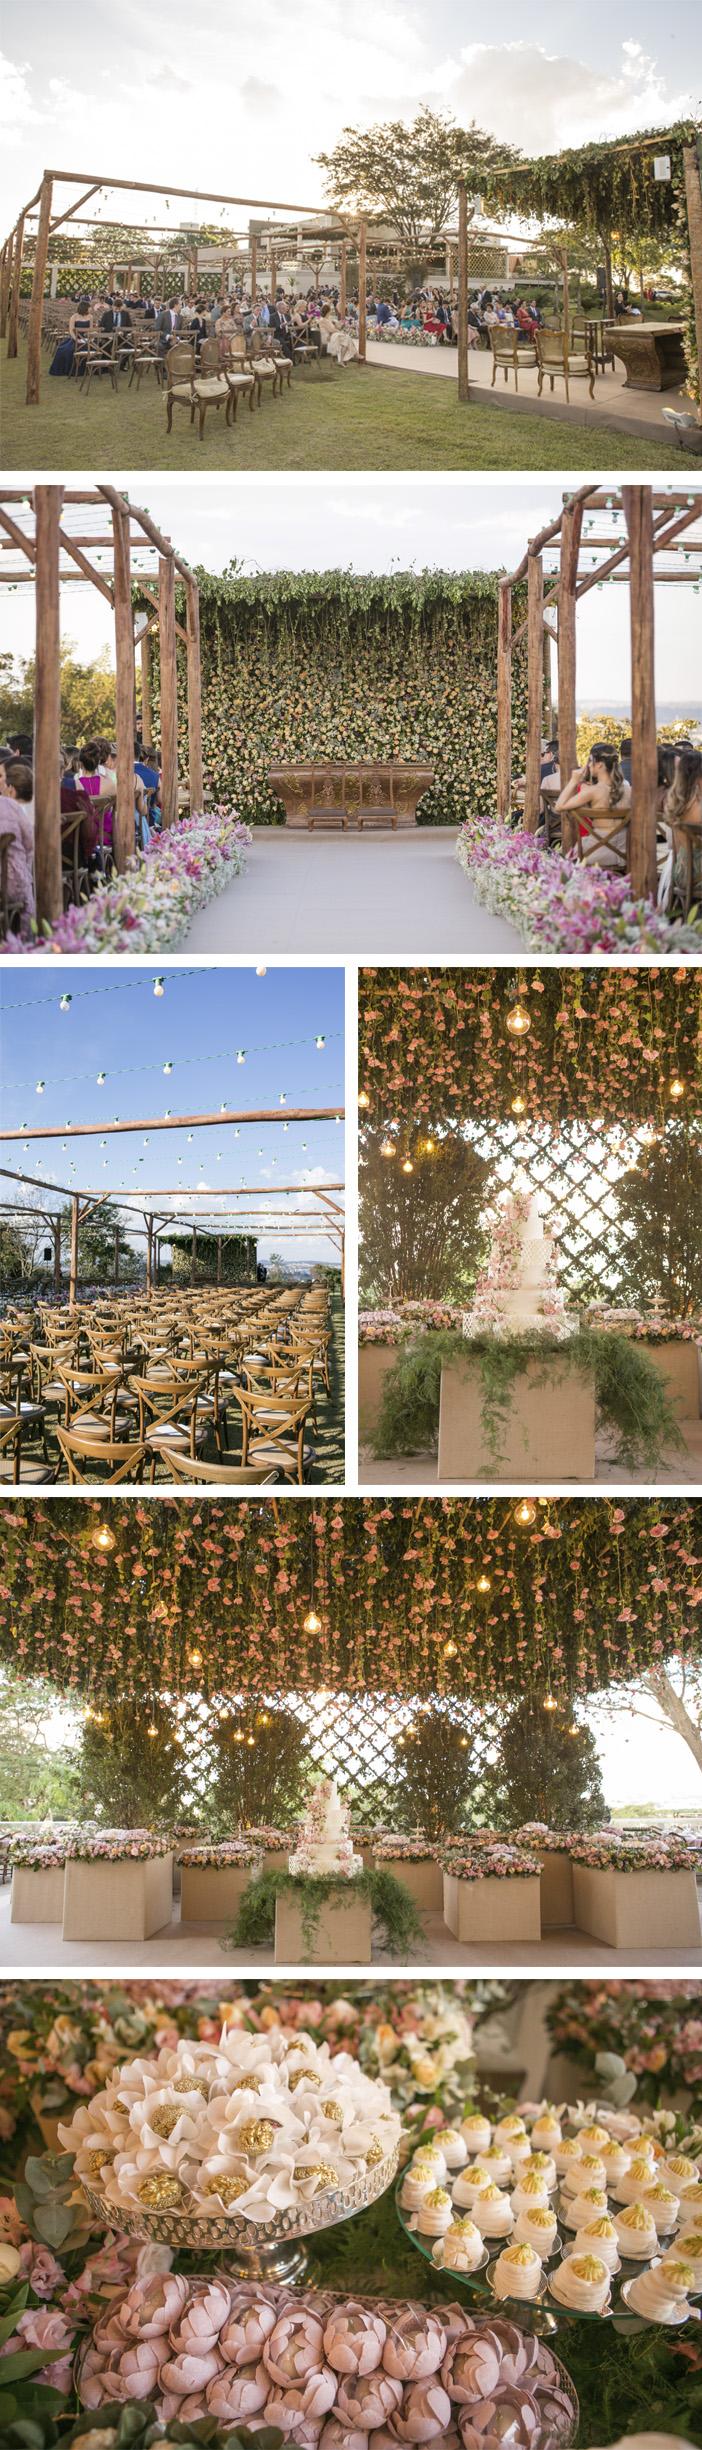 Casamento Layla e William - Detalhes da decoração